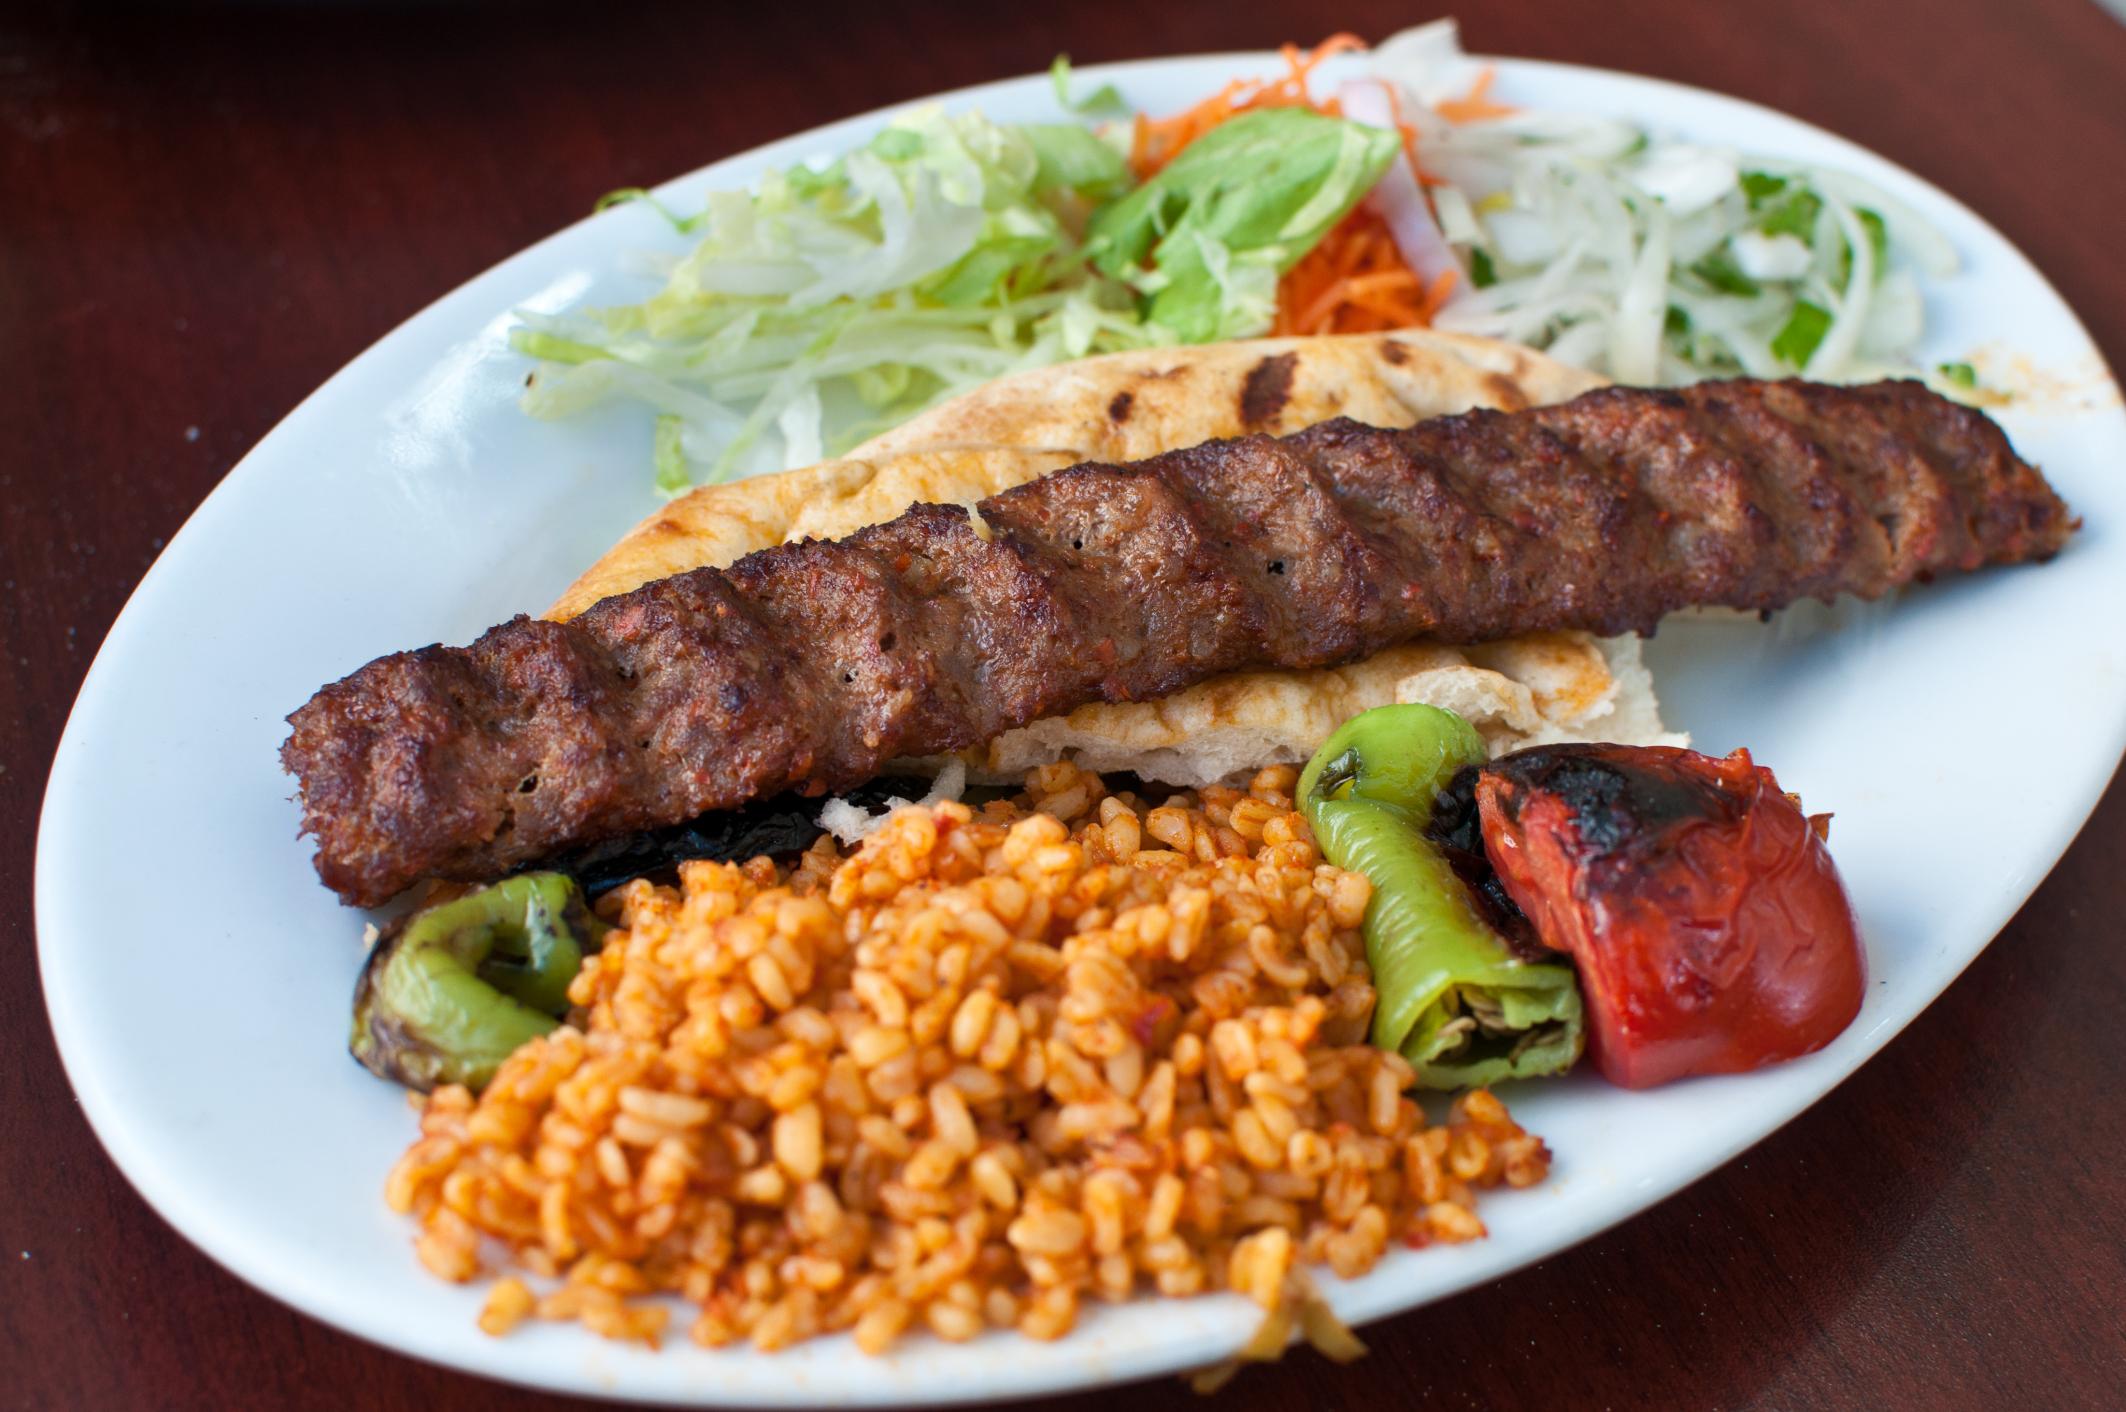 اخبار الامارات العاجلة 4550491-1750983823 كباب اللحم العراقي وصفات شهية  أطباق رئيسية